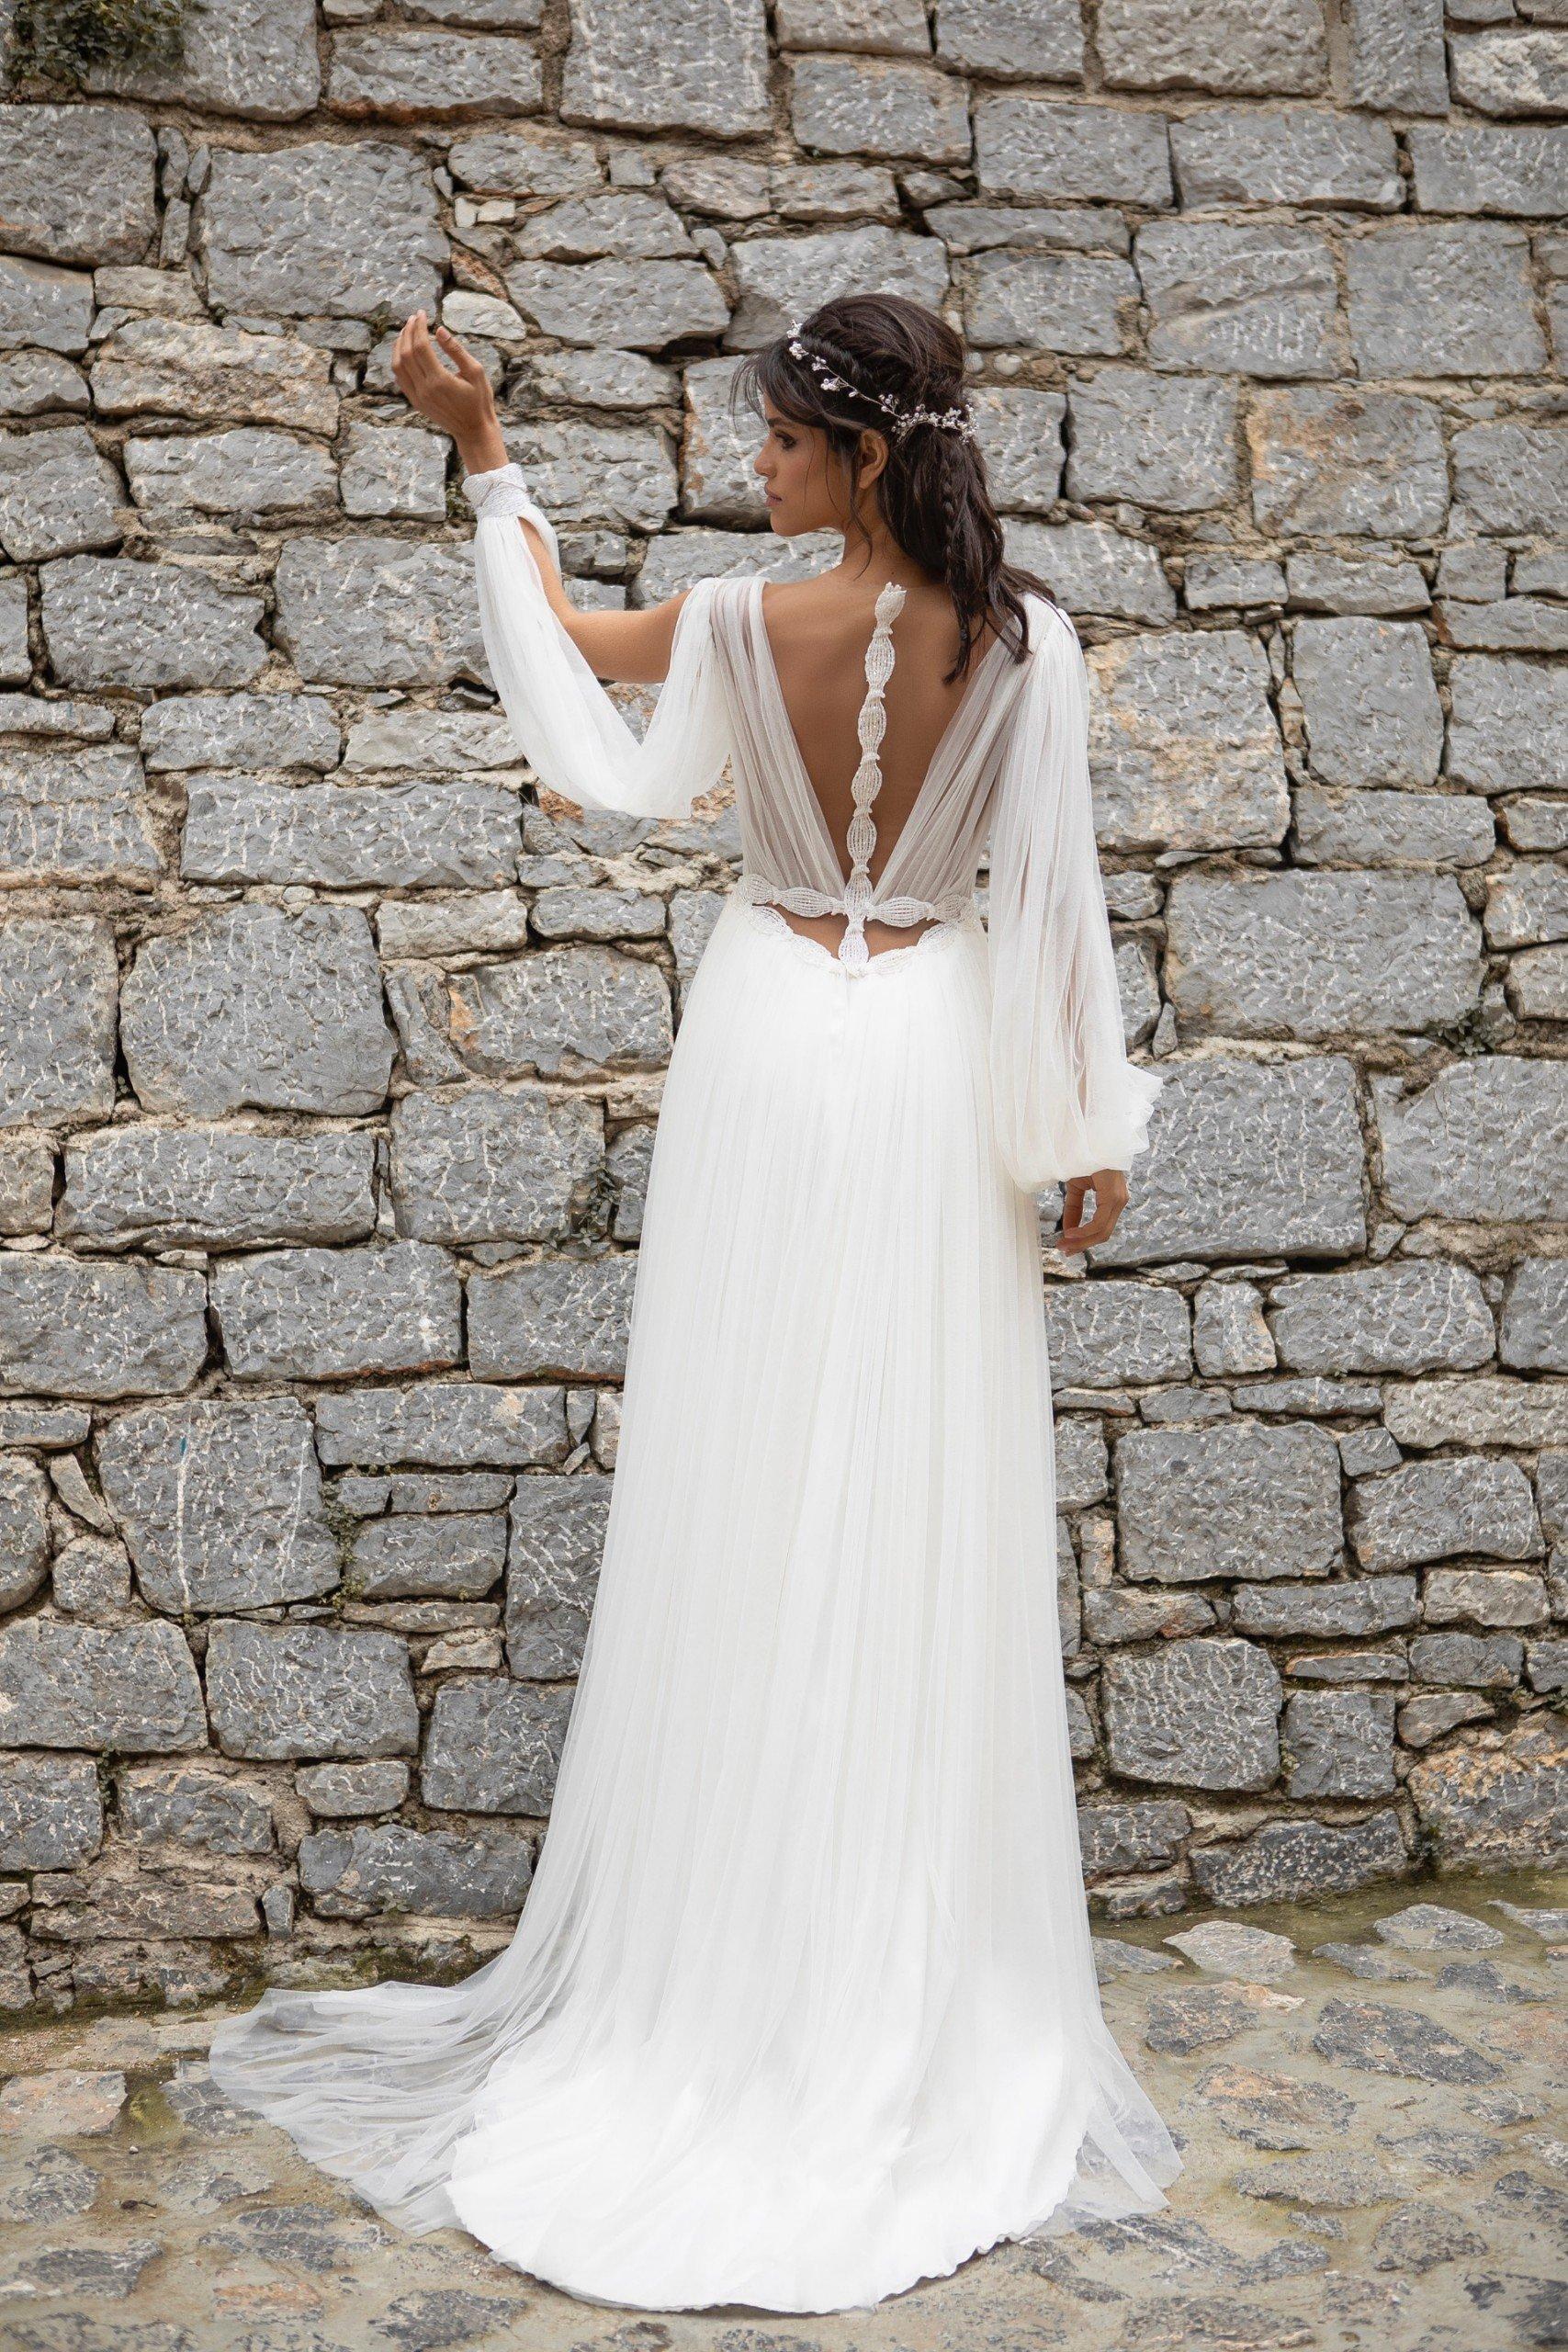 Brautkleid im Empire-Schnitt mit langen Ärmeln, Beinschlitz und raffiniertem Rücken von Emine Yildirim, Modell 2000